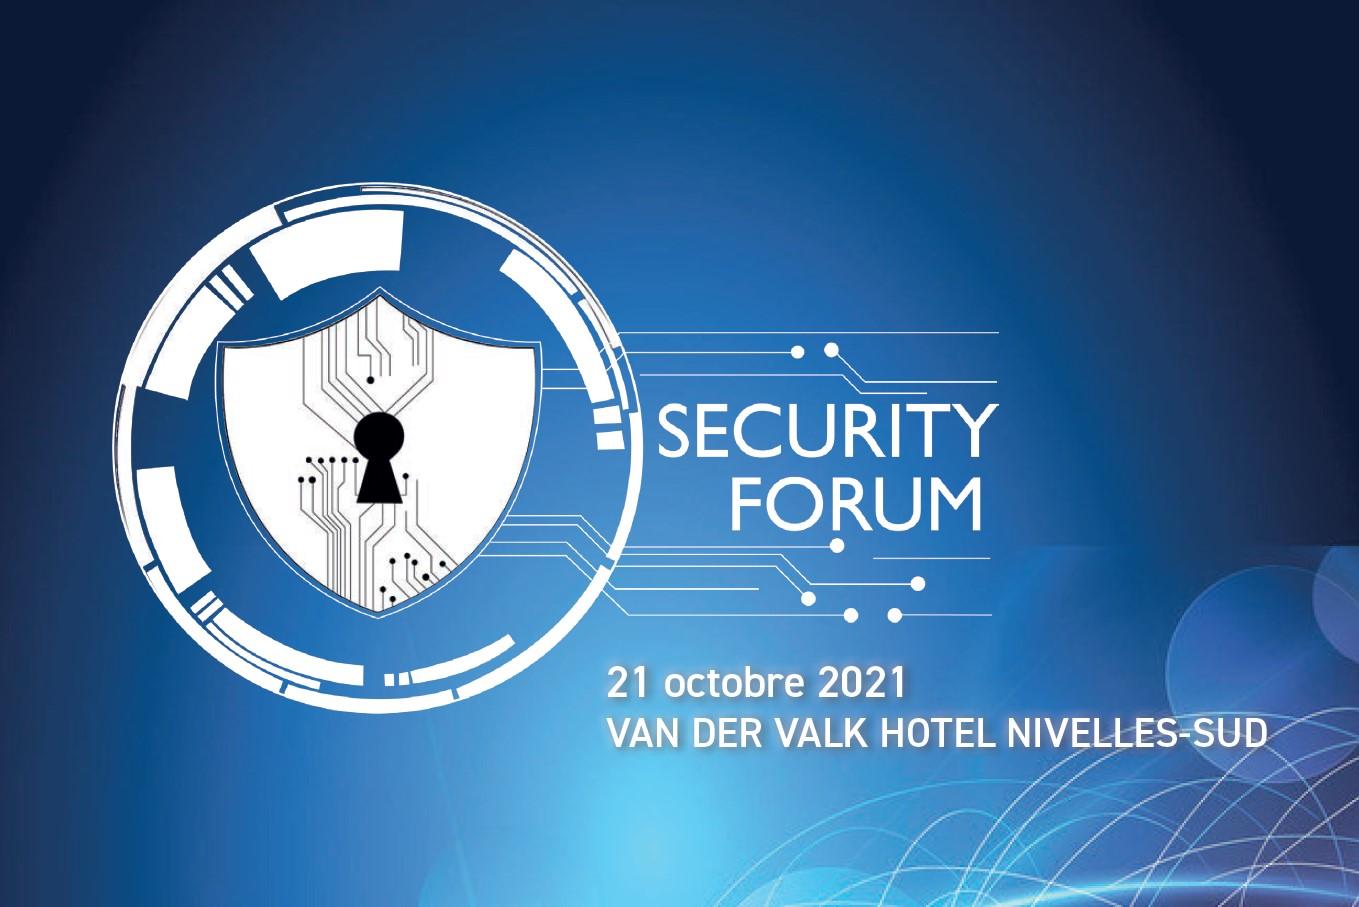 Tixeo au Security Forum 2021 de Nivelles (Belgique)